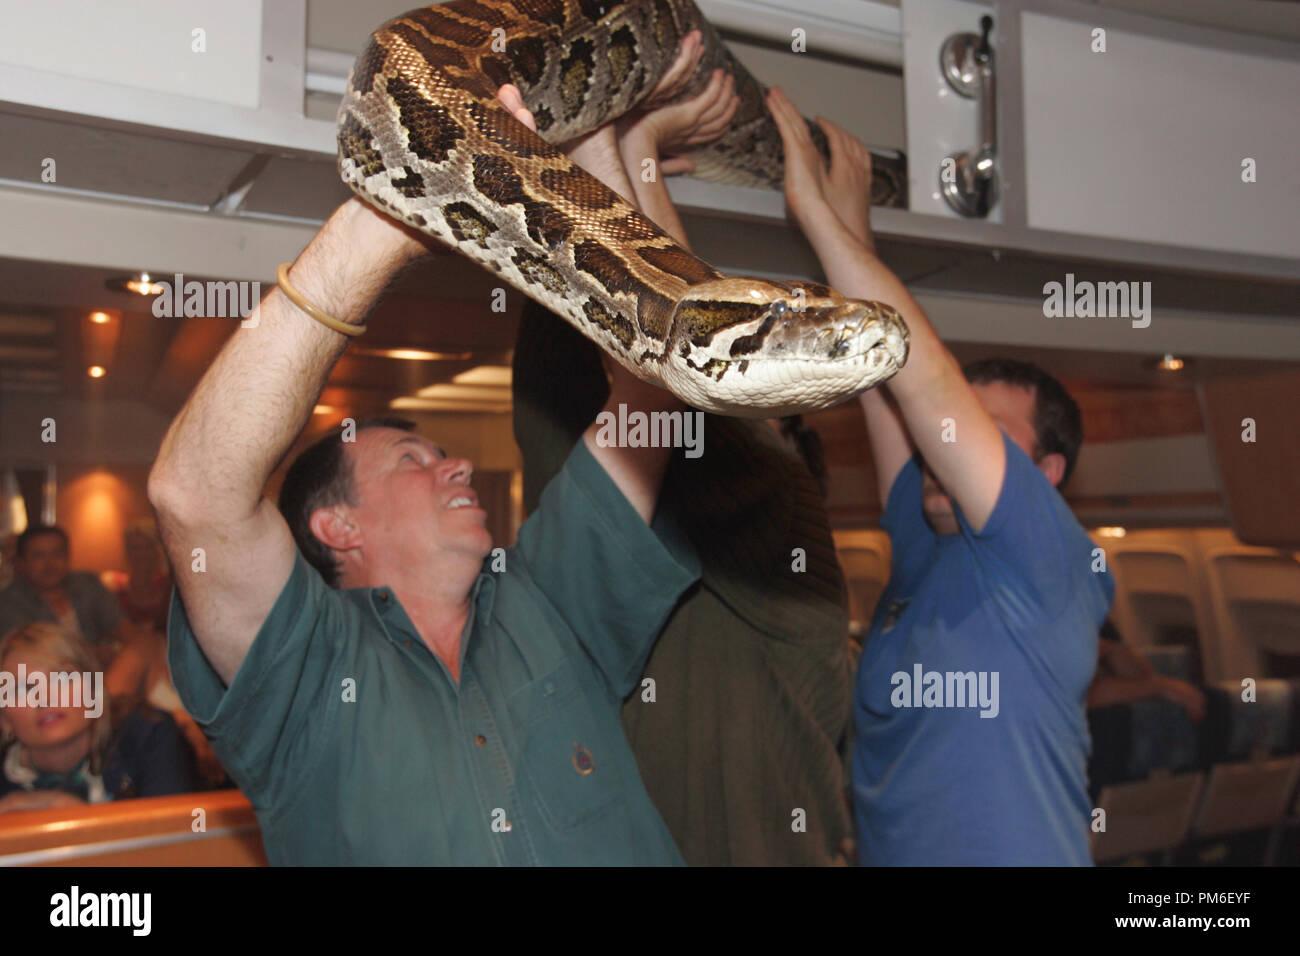 film-still-publicity-still-from-snakes-o